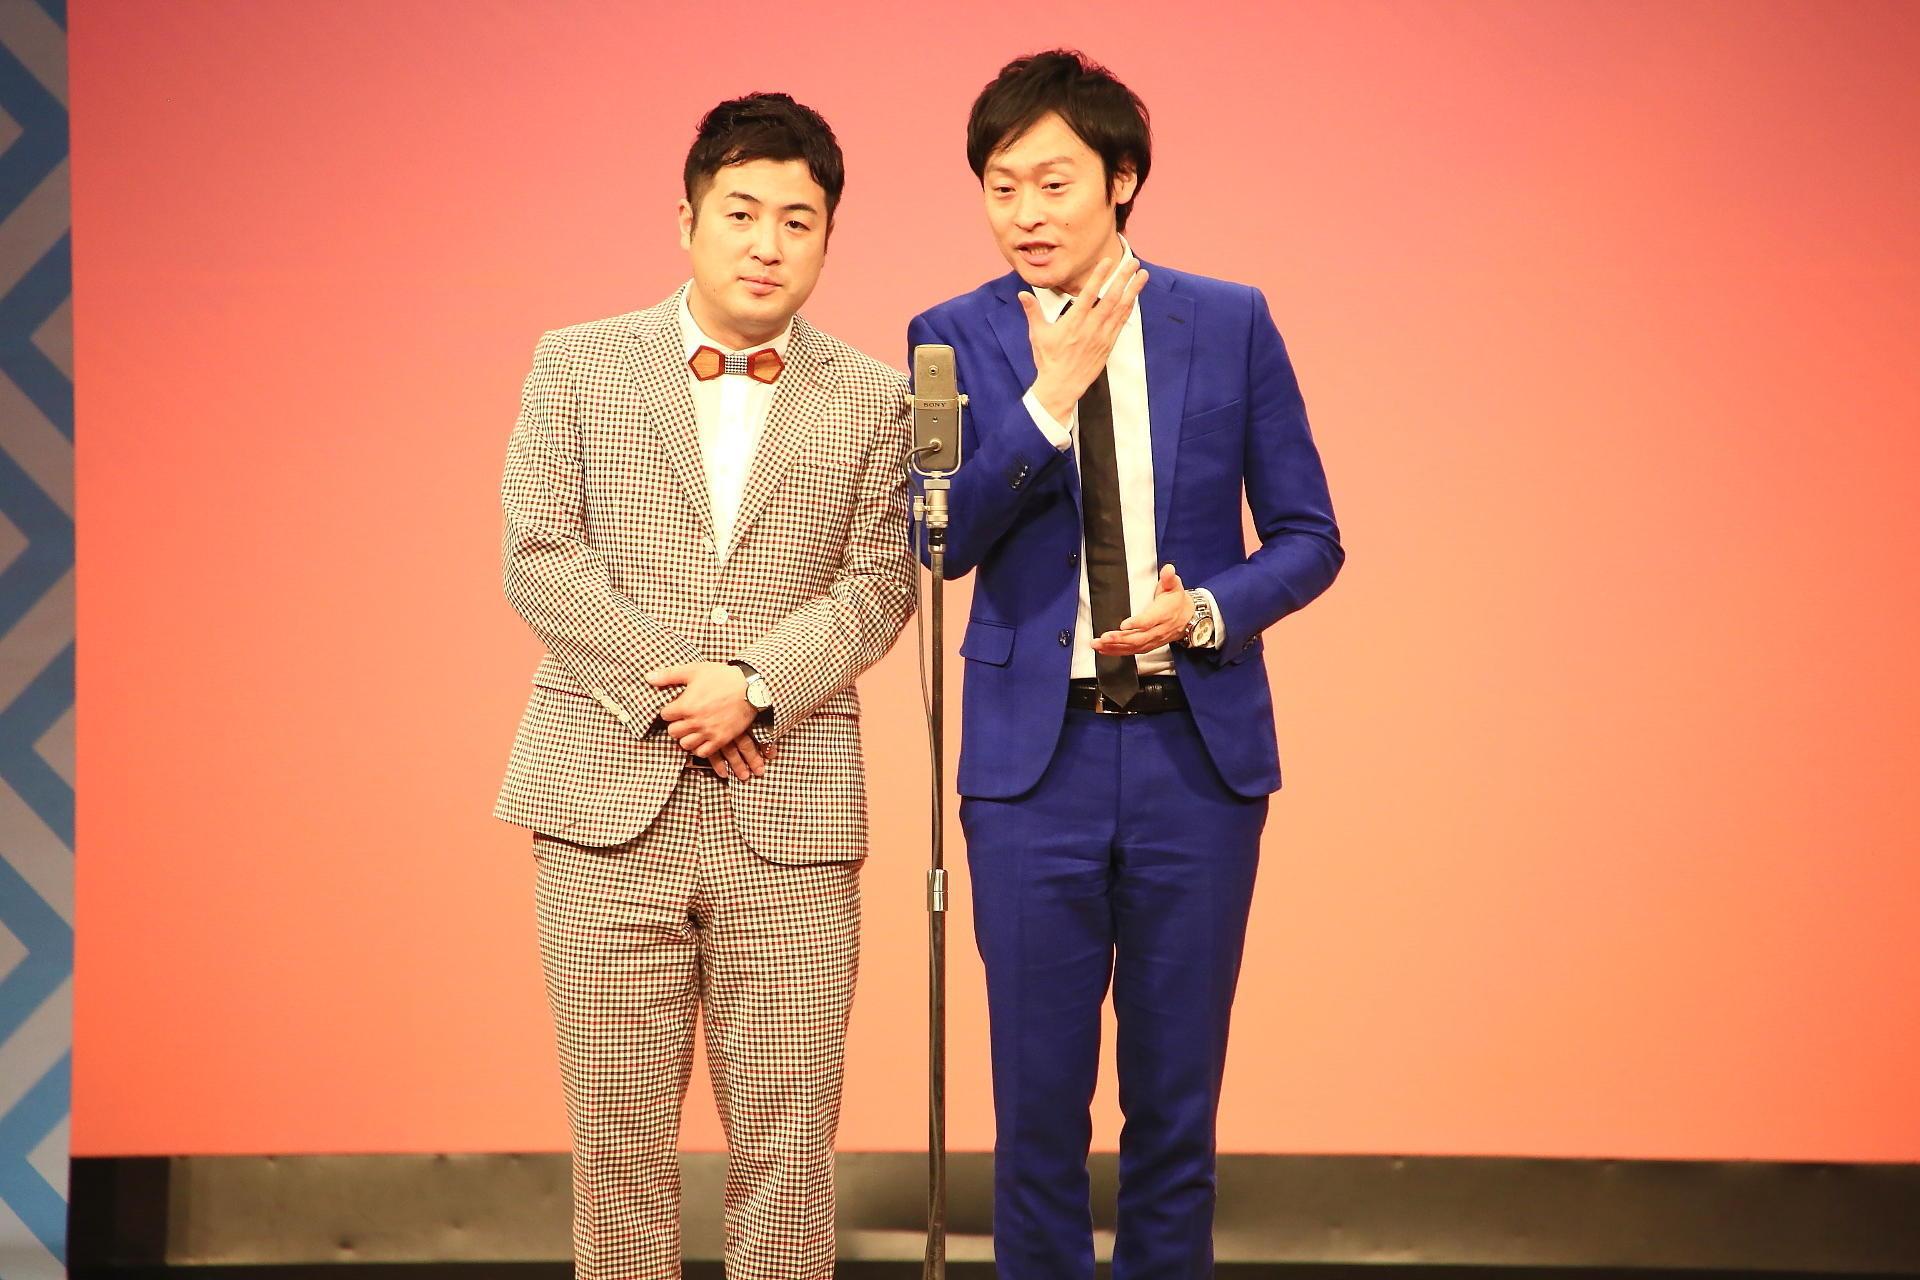 http://news.yoshimoto.co.jp/20171112095408-a9b2d0a46776762ed77f079be157e2b1d804f159.jpg